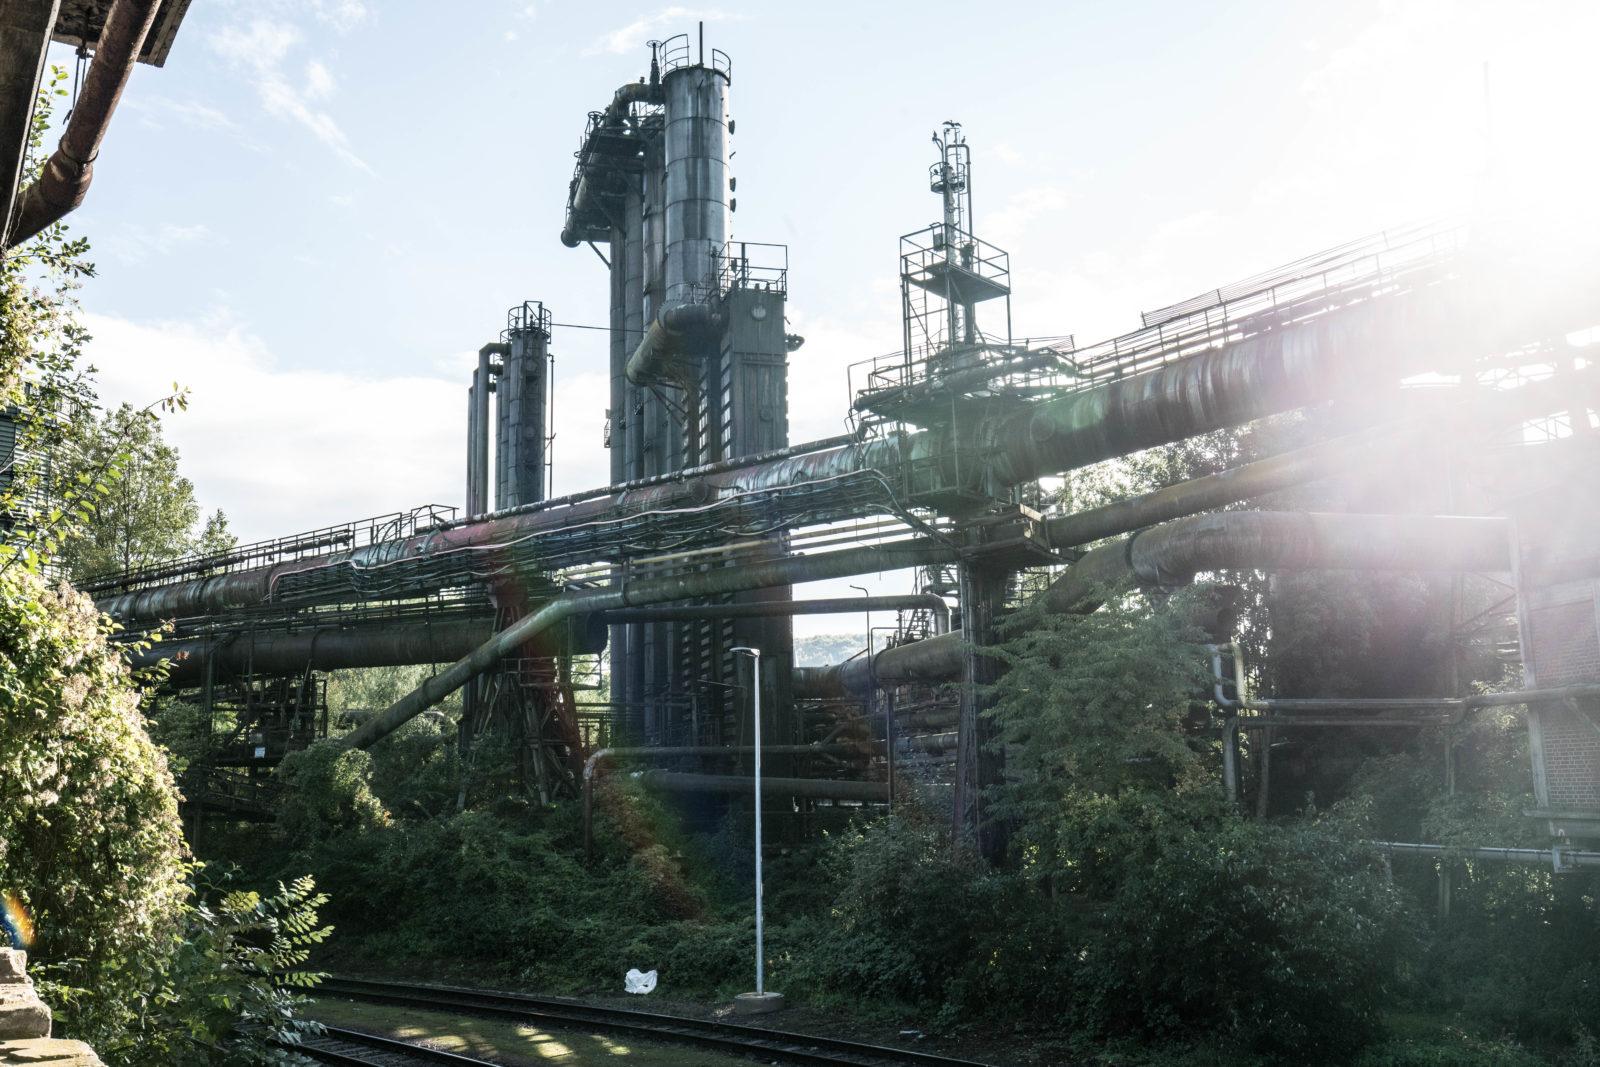 urbex explorationurbaine Volklingen usine abandonnee RADAR FrancsColleurs video tournage DSC01532 - Exploration en réalité augmentée de l'usine de Völklingen et des gouttes Francs Colleurs